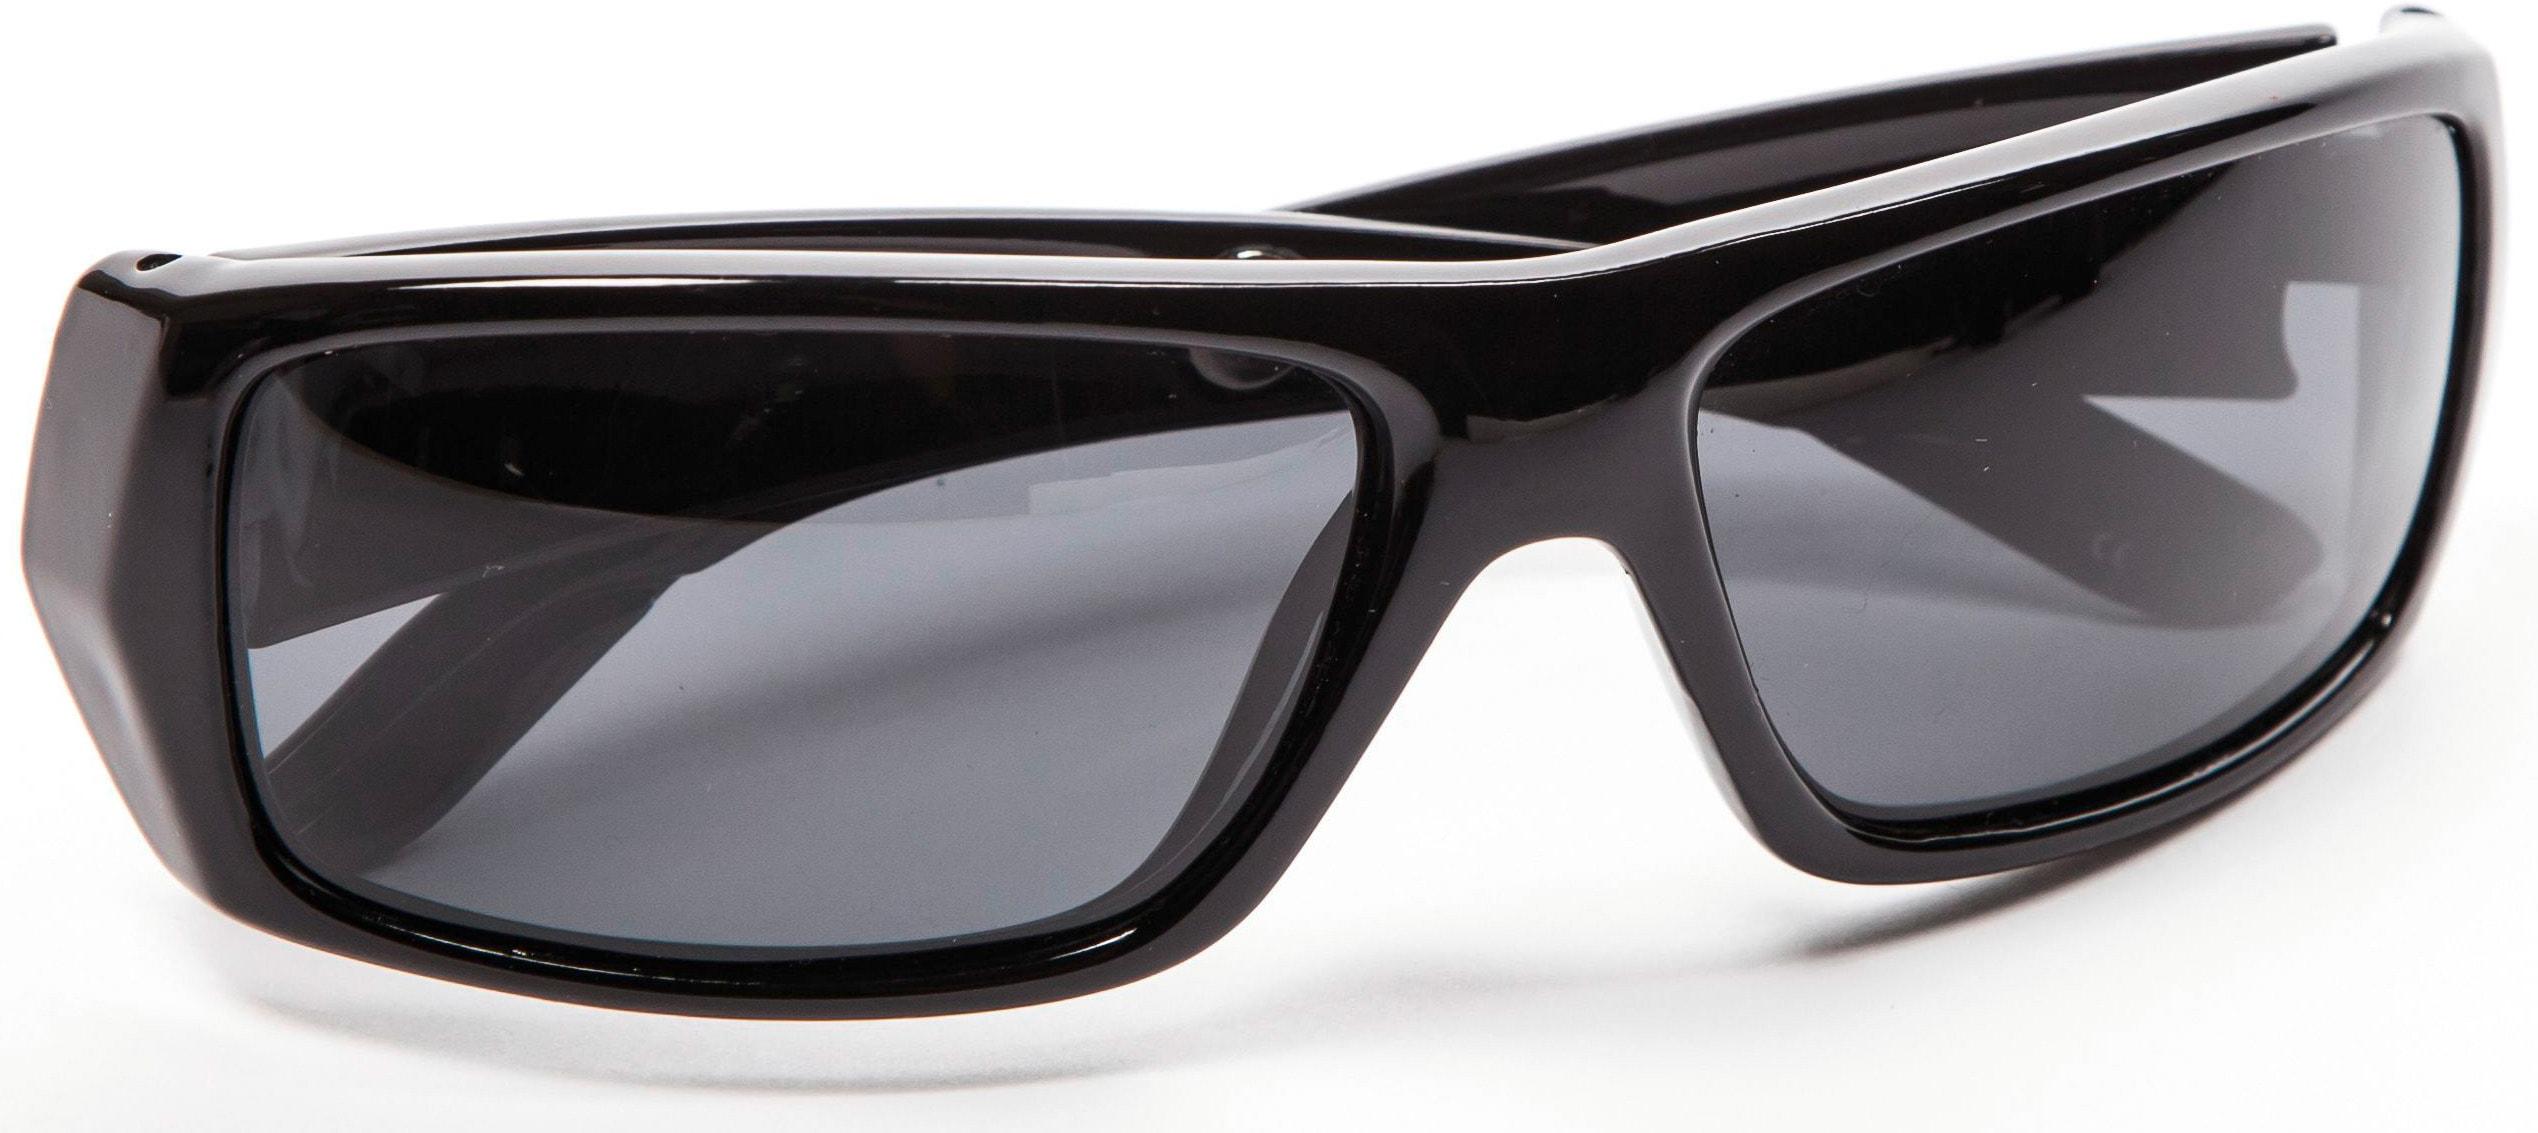 Polaryte Sonnenbrille, »Polaryte Einzelbrille«, schwarz | Accessoires > Sonnenbrillen > Sonstige Sonnenbrillen | Schwarz | Tv | POLARYTE